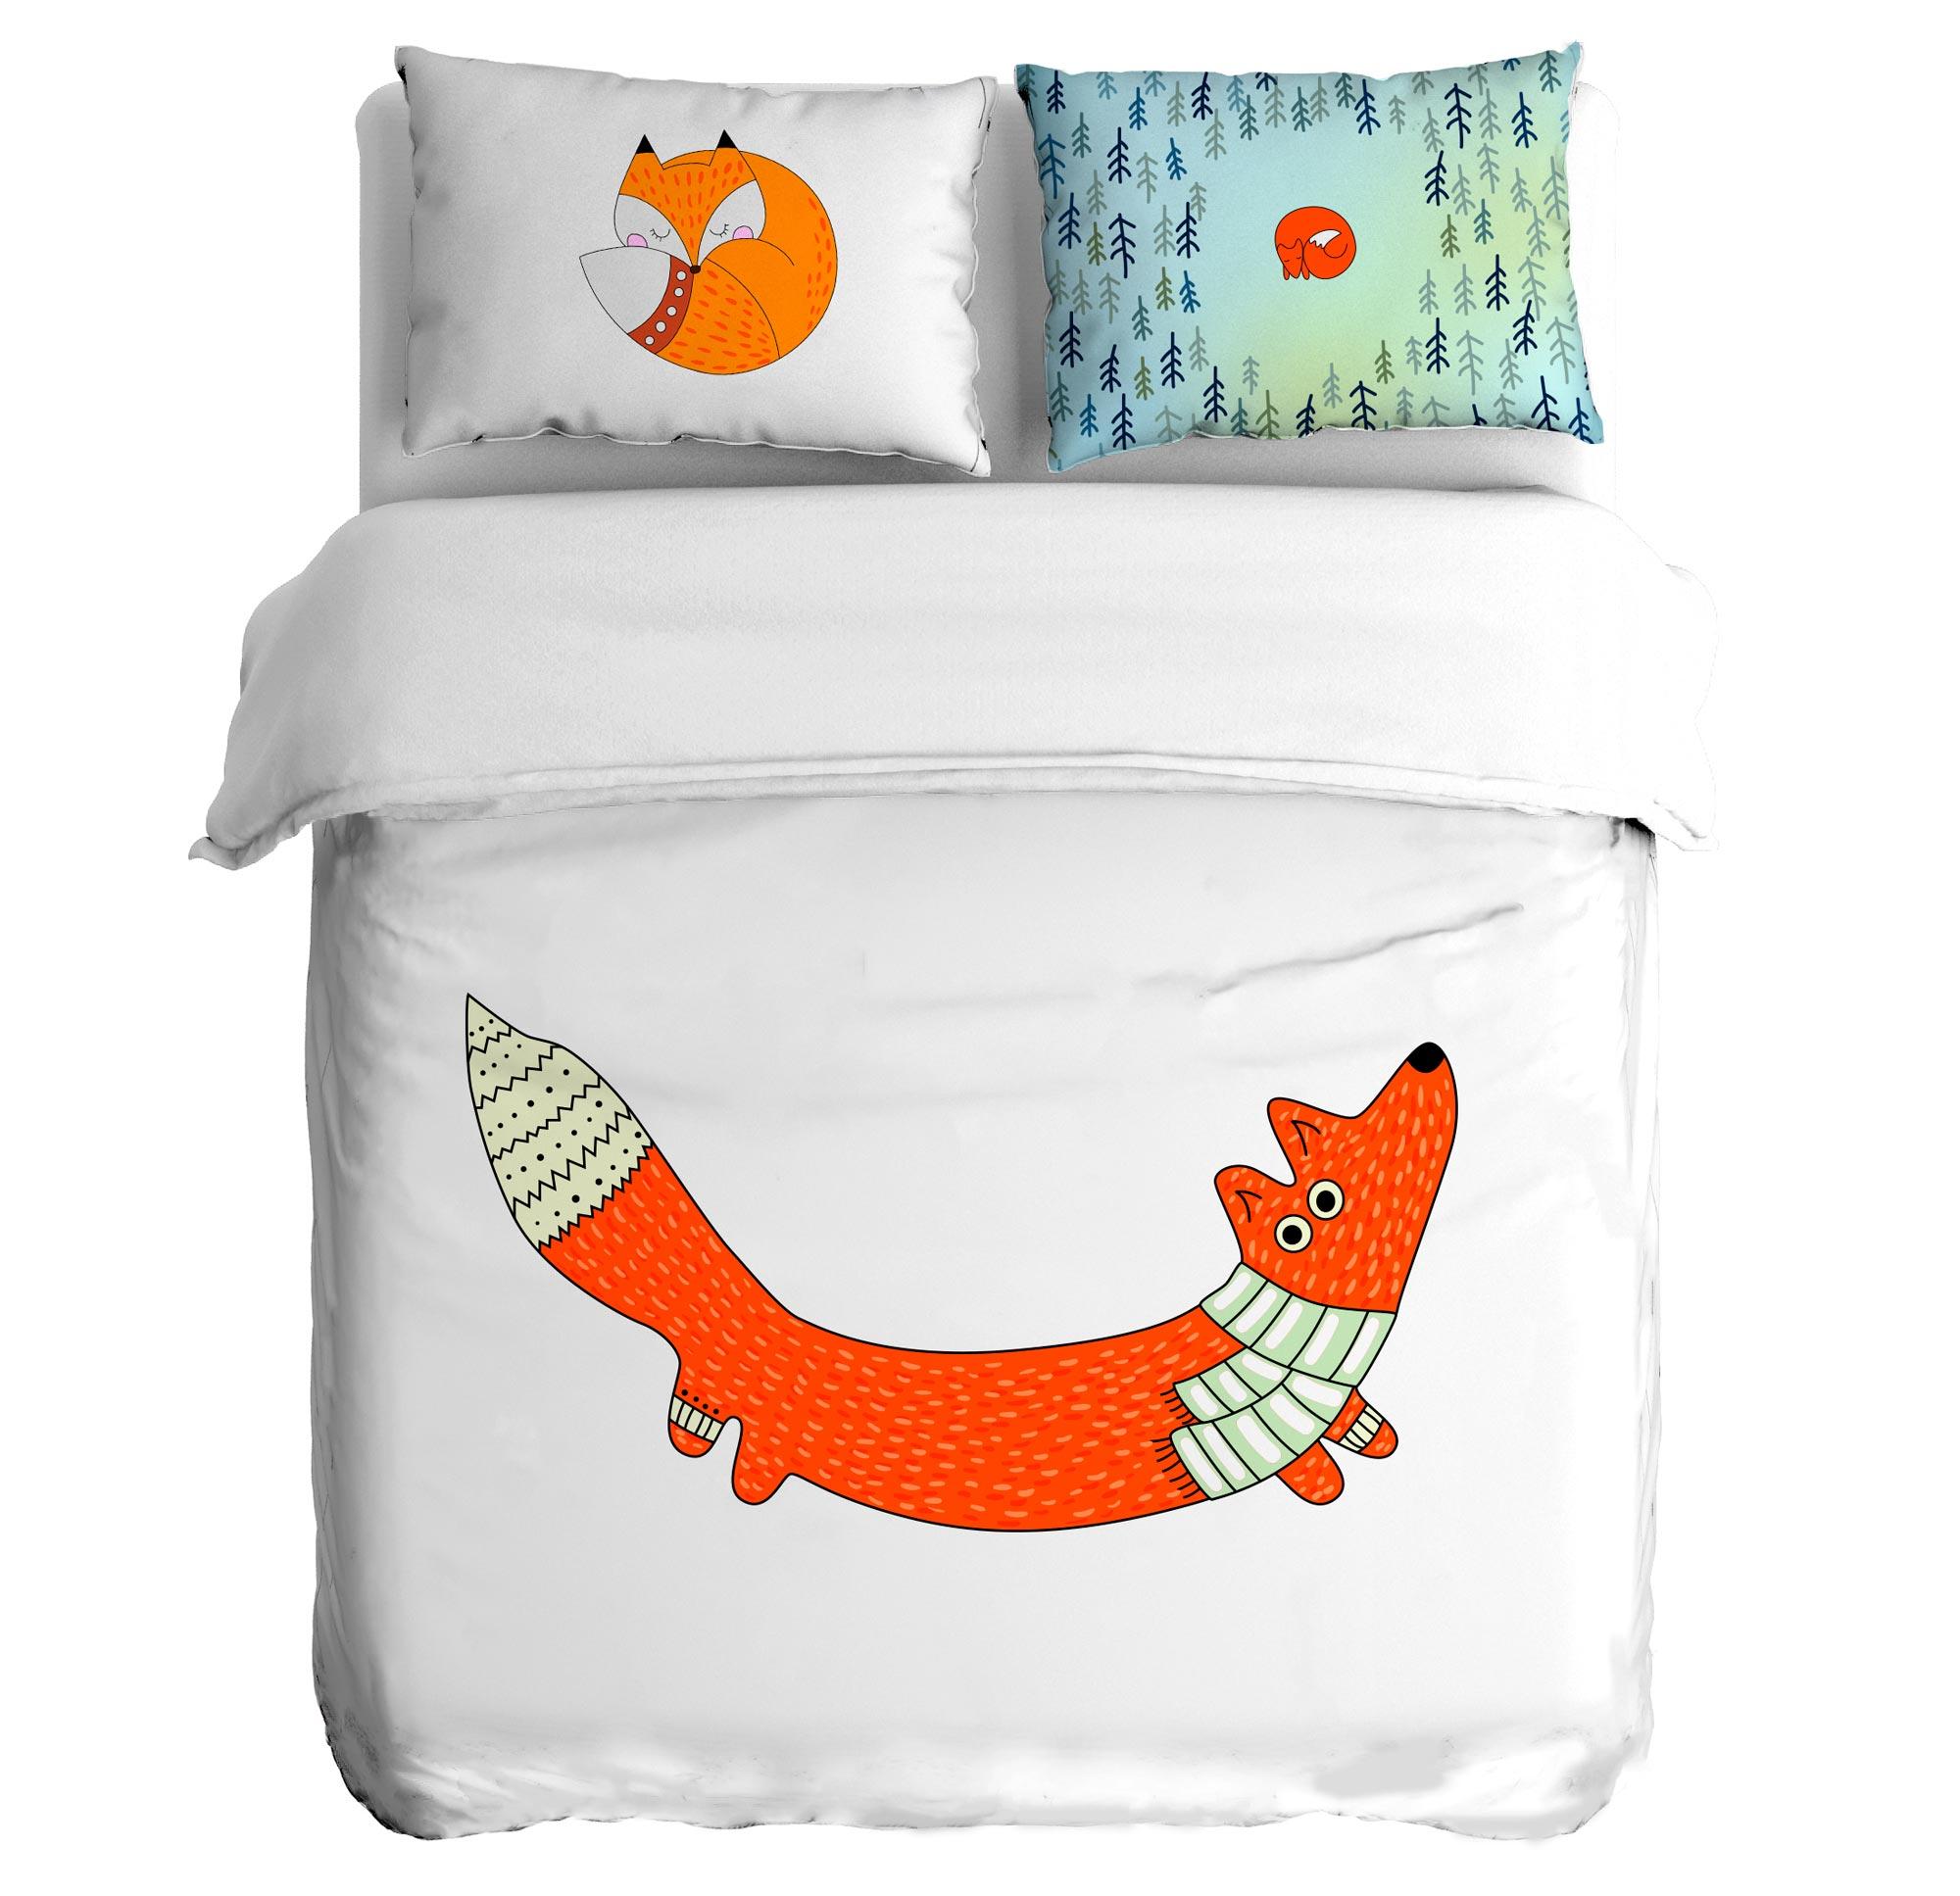 Постельное белье Peach Постельное белье Foxi trail (1,5 спал.) постельное белье мартекс постельное белье микрофибра 3d визит